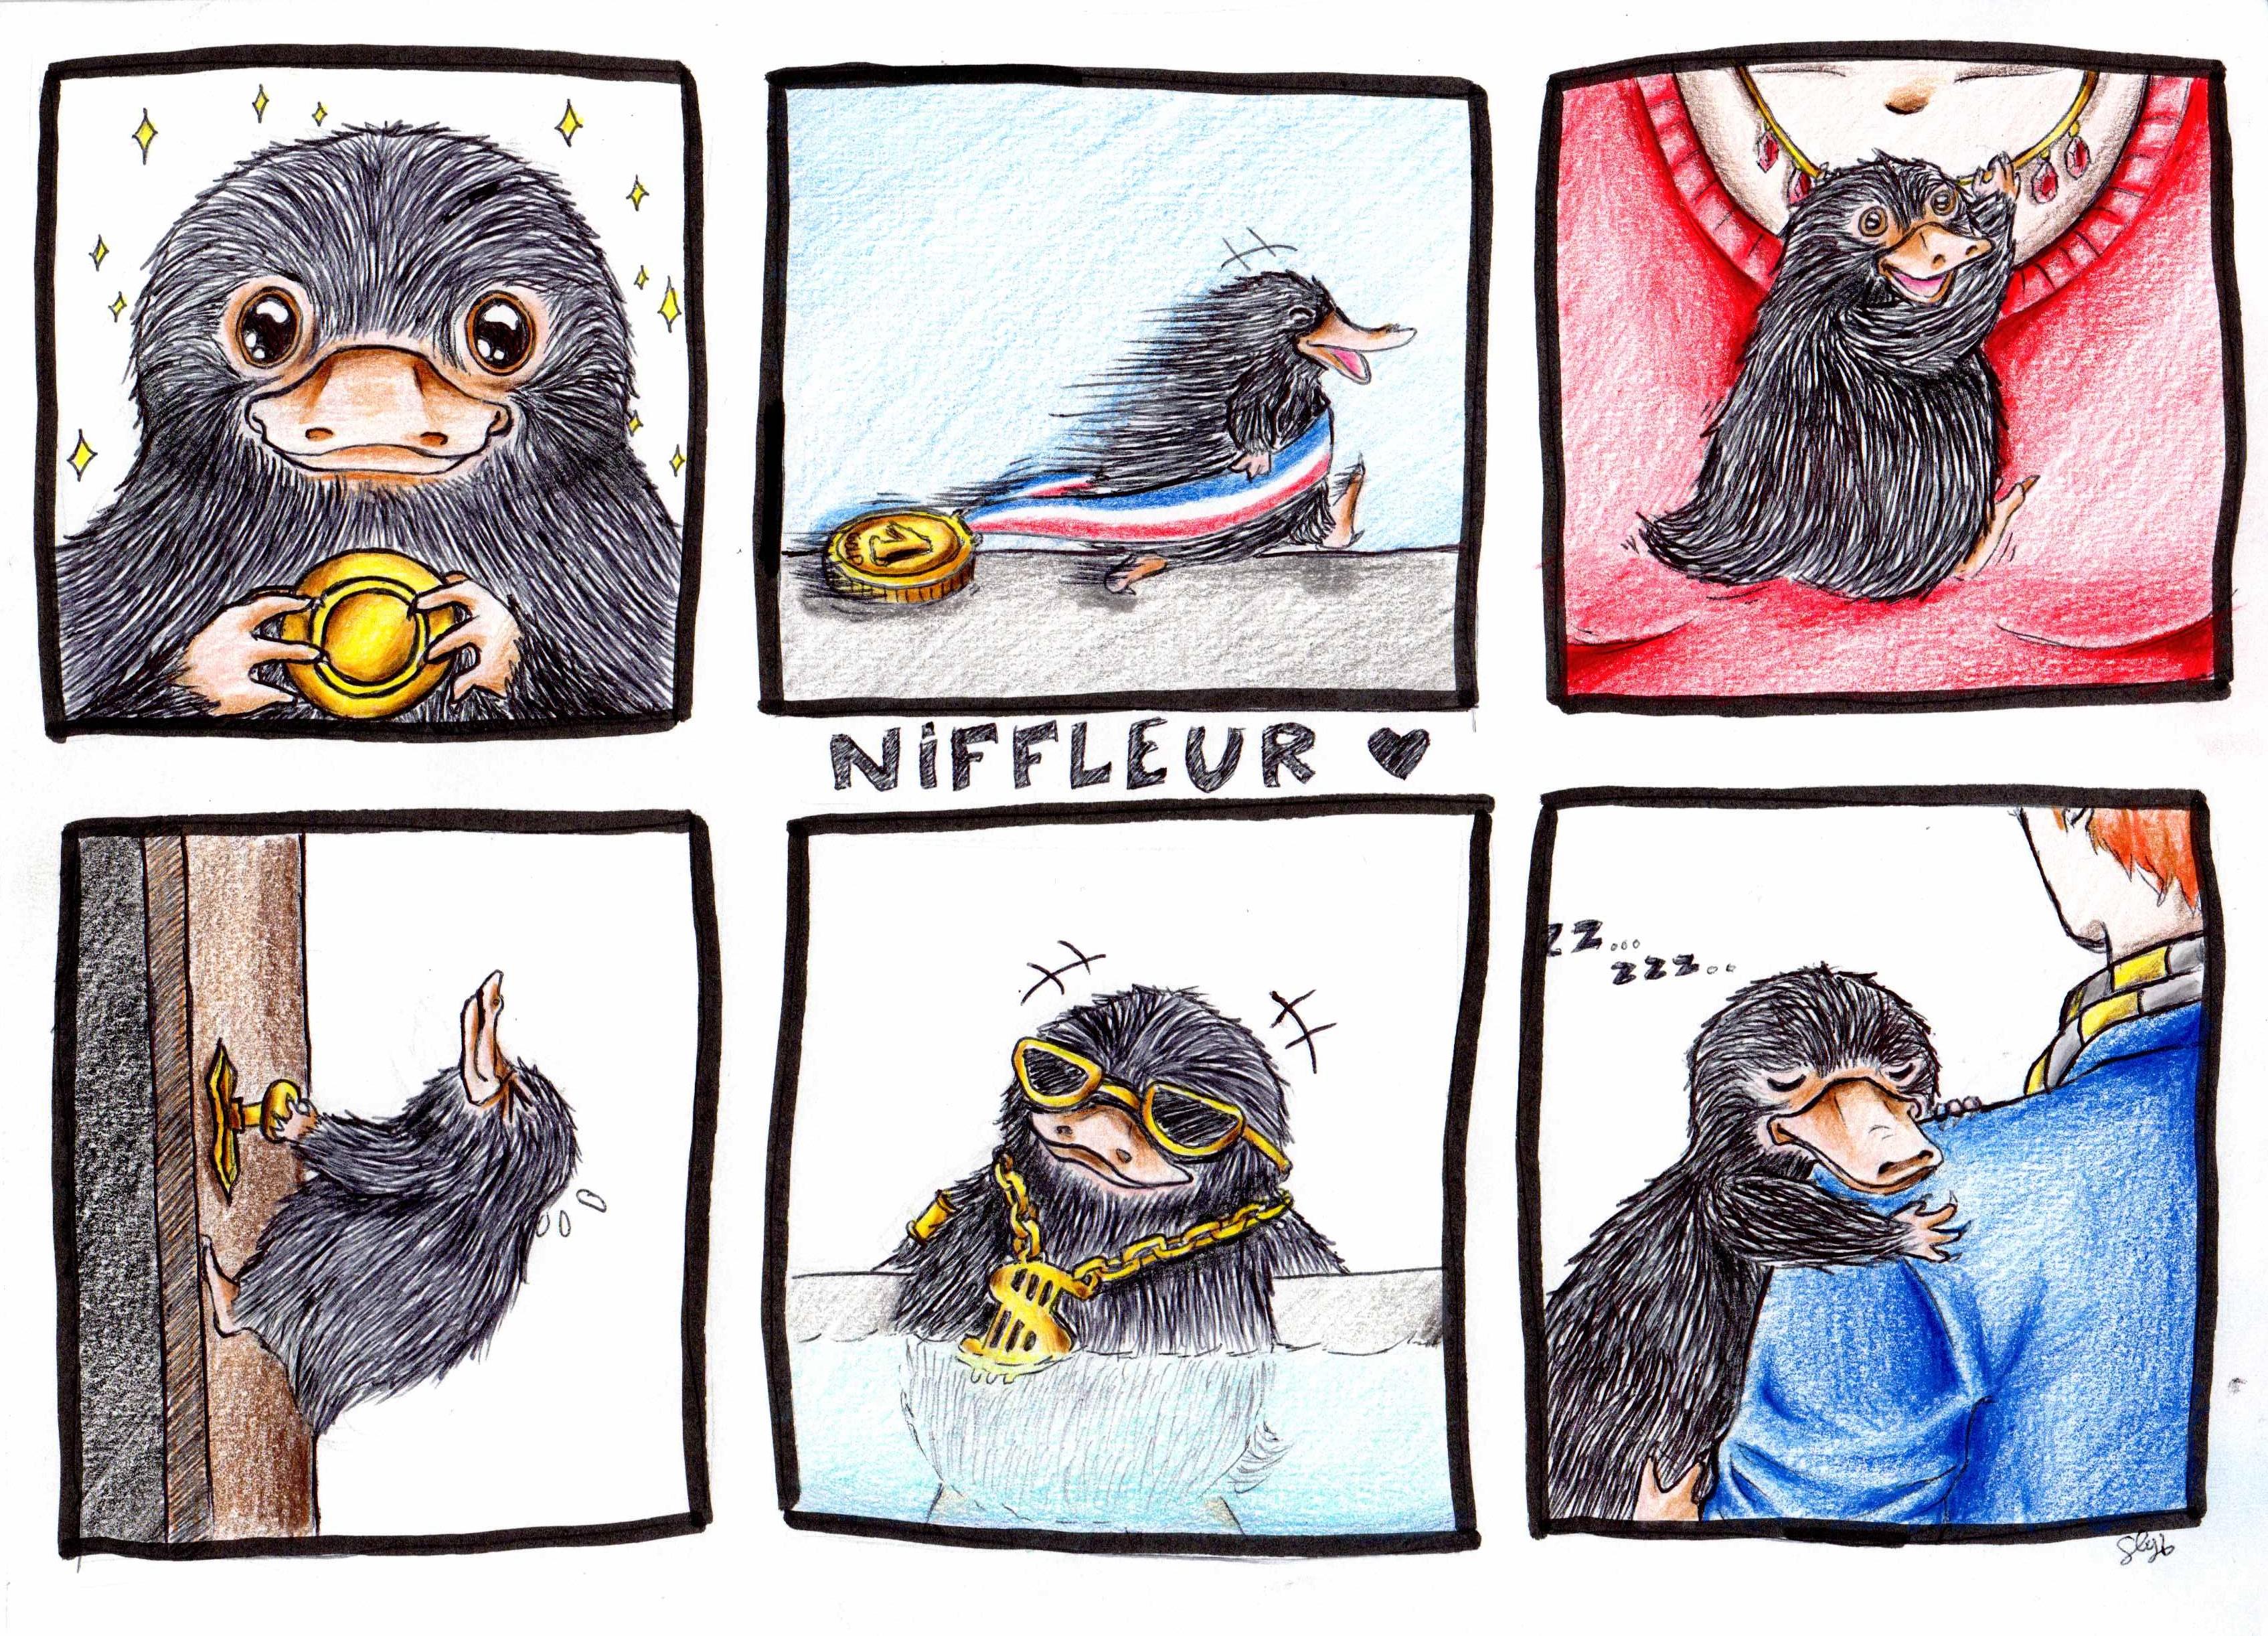 Les moldus en quête de niffleurs, le Ministère inquiet